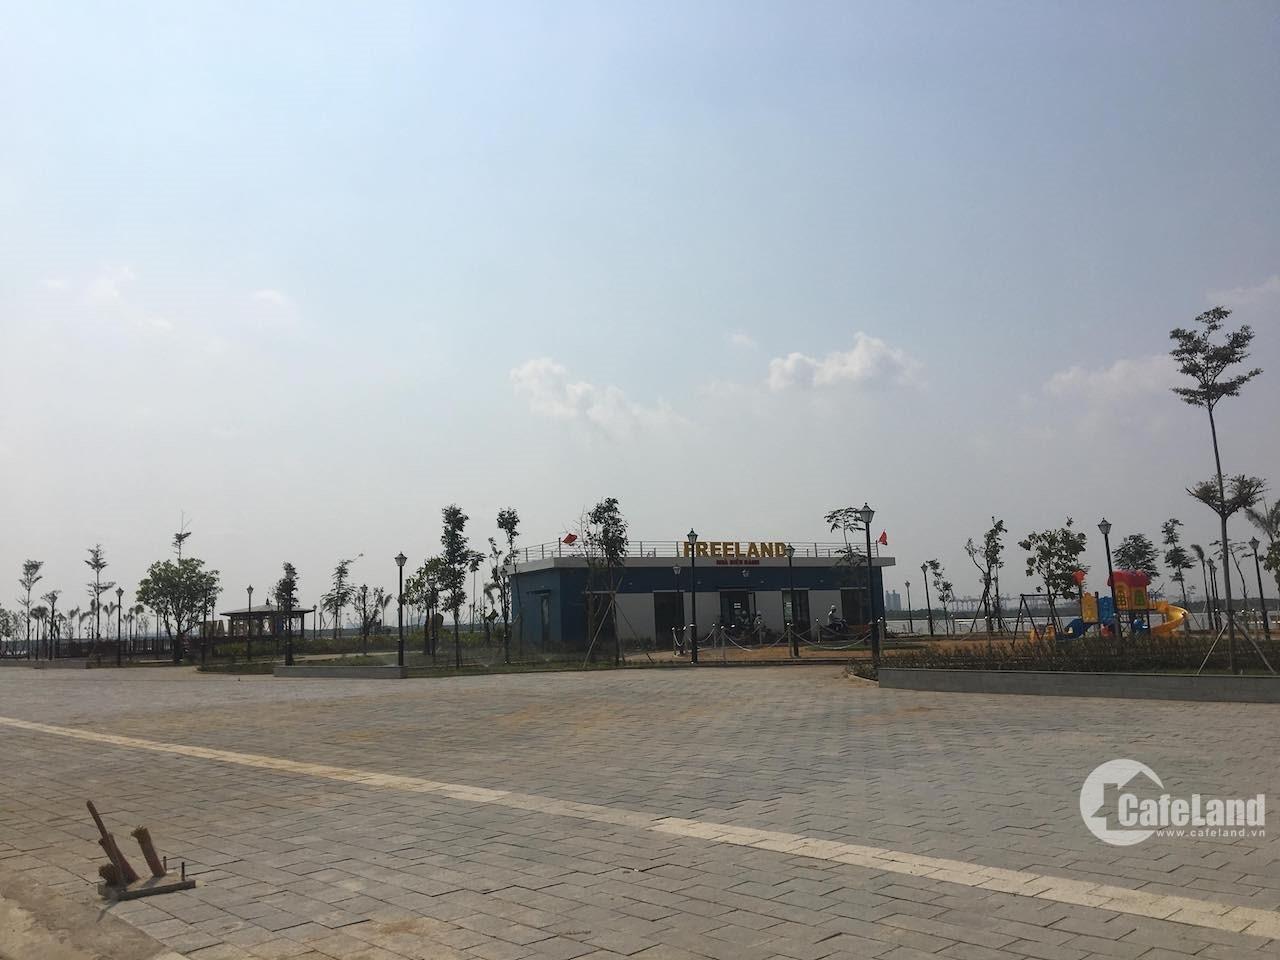 Quảng cáo hoành tráng, dự án King Bay vẫn còn ngổn ngang